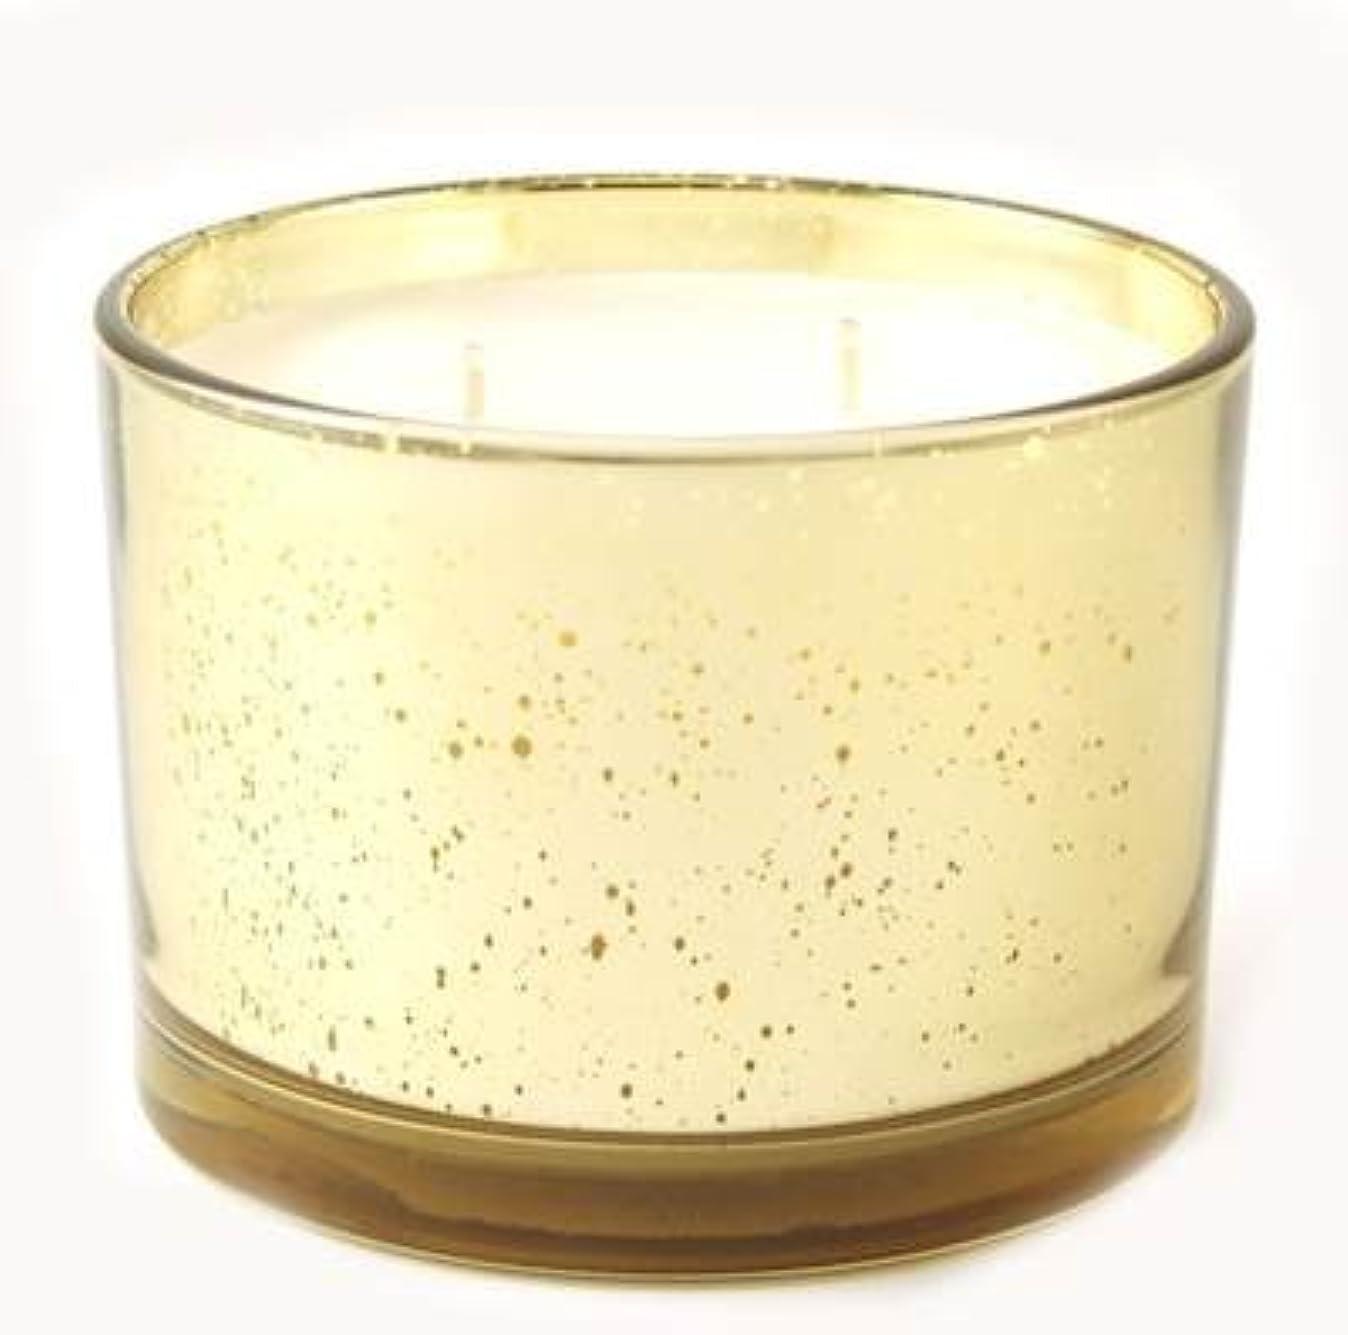 パトロール加速する吹雪アップルサイダーTyler Statureゴールドonゴールド16oz香りつきJar Candle